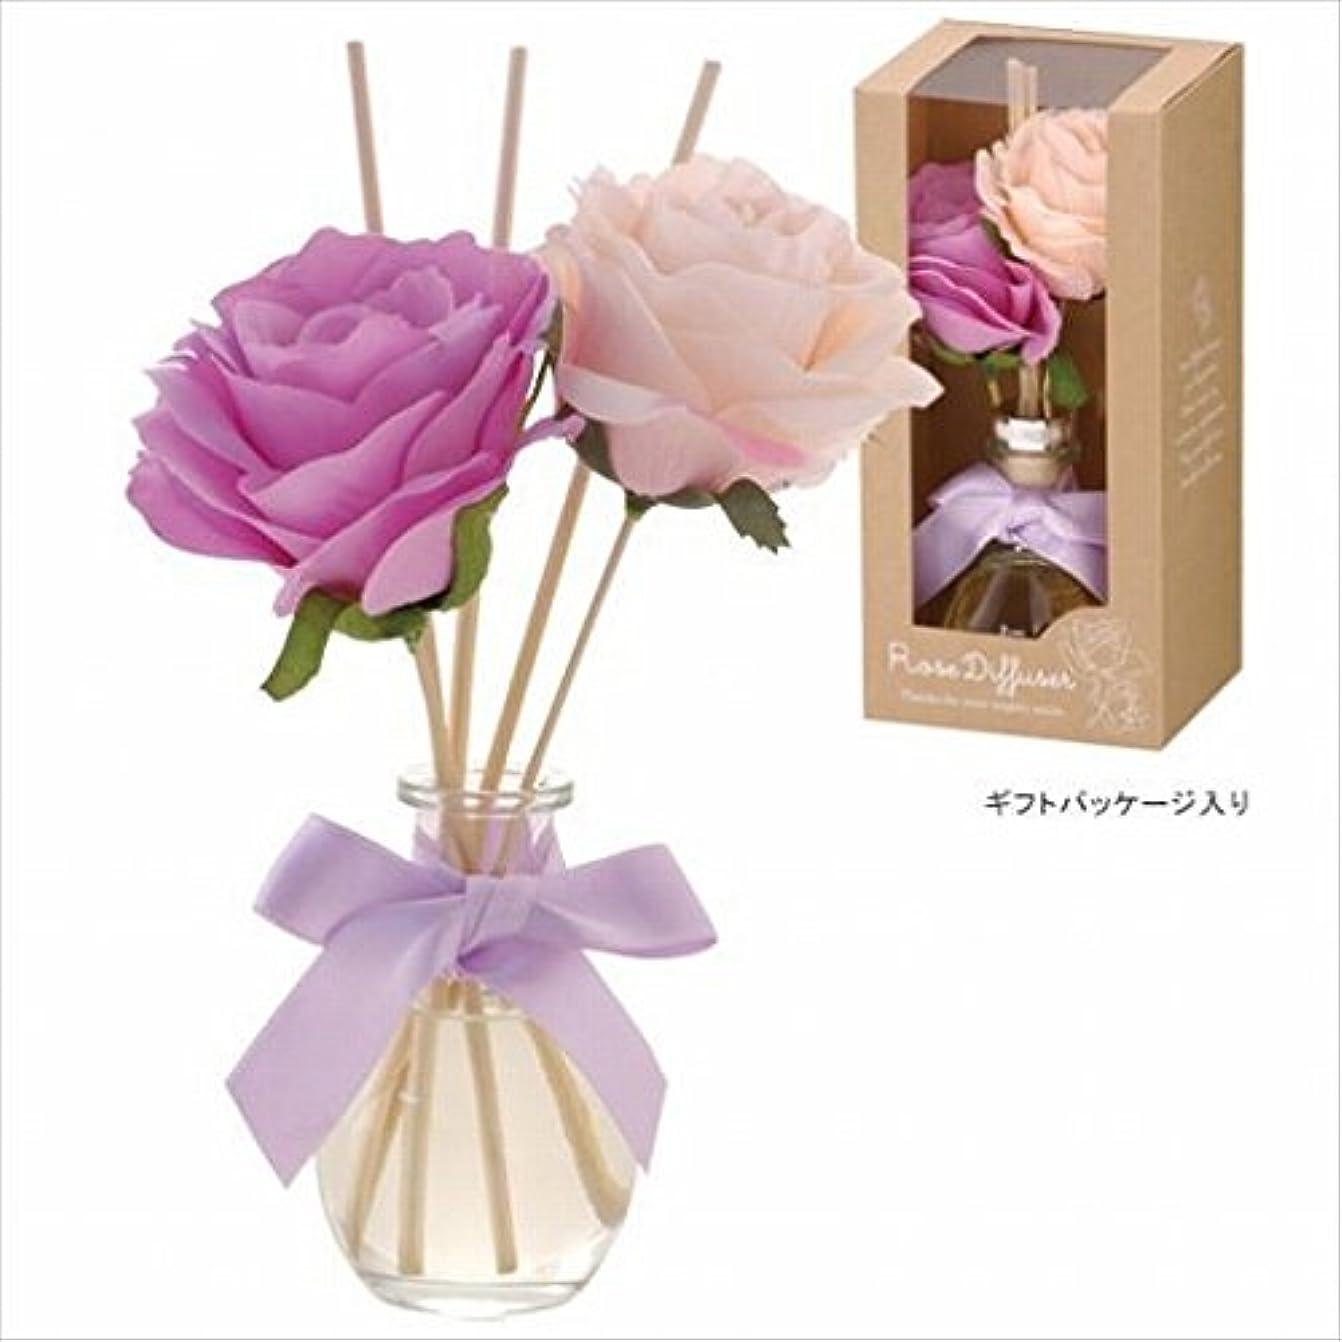 常習的一生南カメヤマキャンドル(kameyama candle) ハーモニーローズディフューザー 「 レディローズ 」6個セット